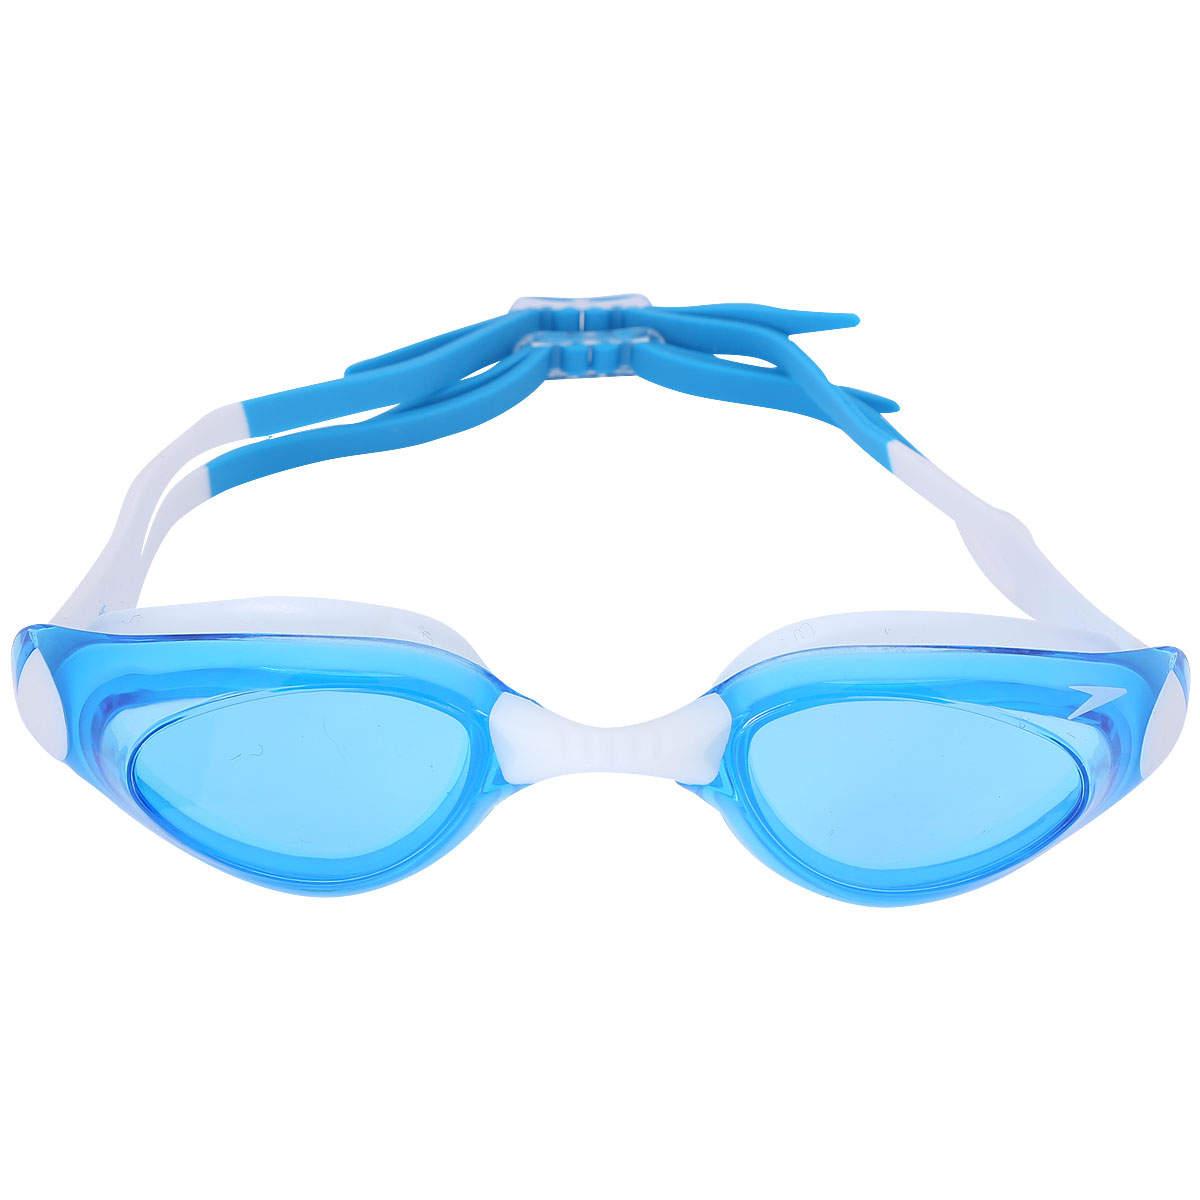 Óculos de Natação Xtreme na Cor Azul/Branco - Speedo